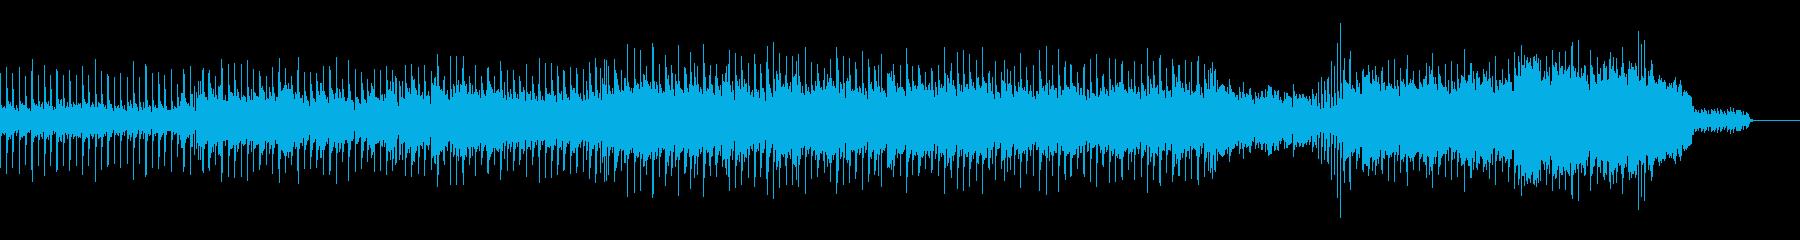 楽しく幸せなアコースティックポップの再生済みの波形